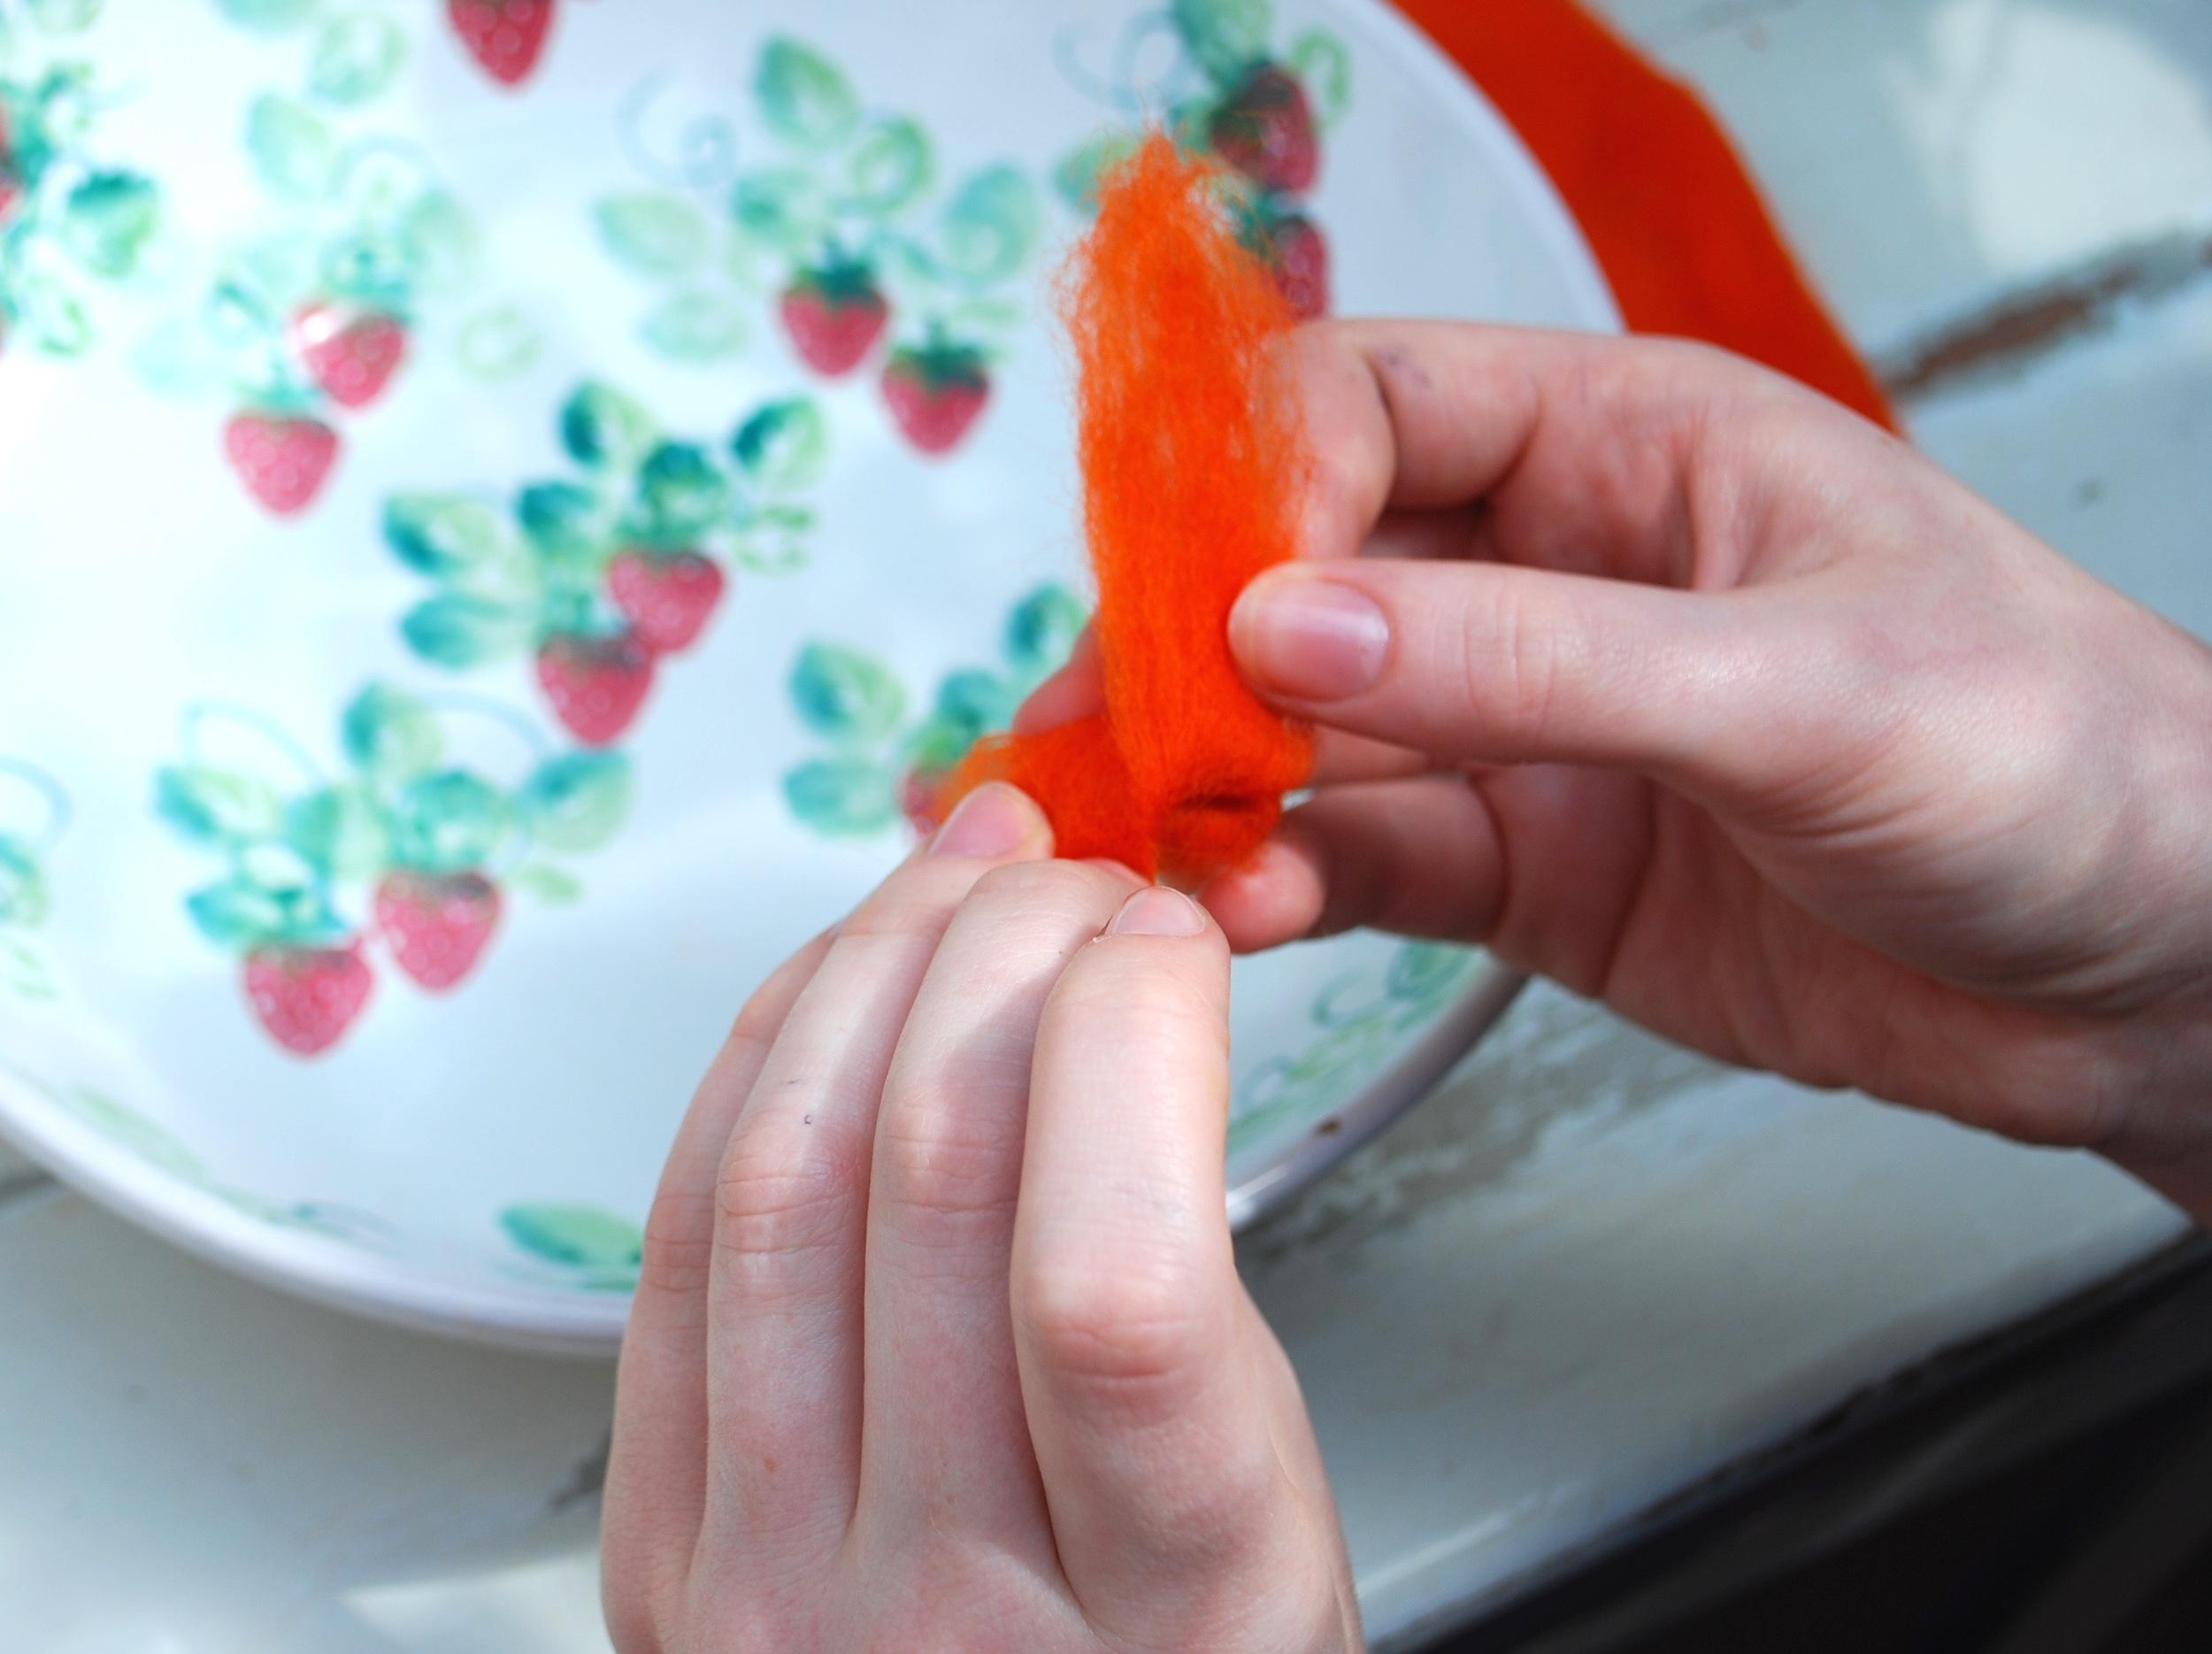 Making a wet felt ball